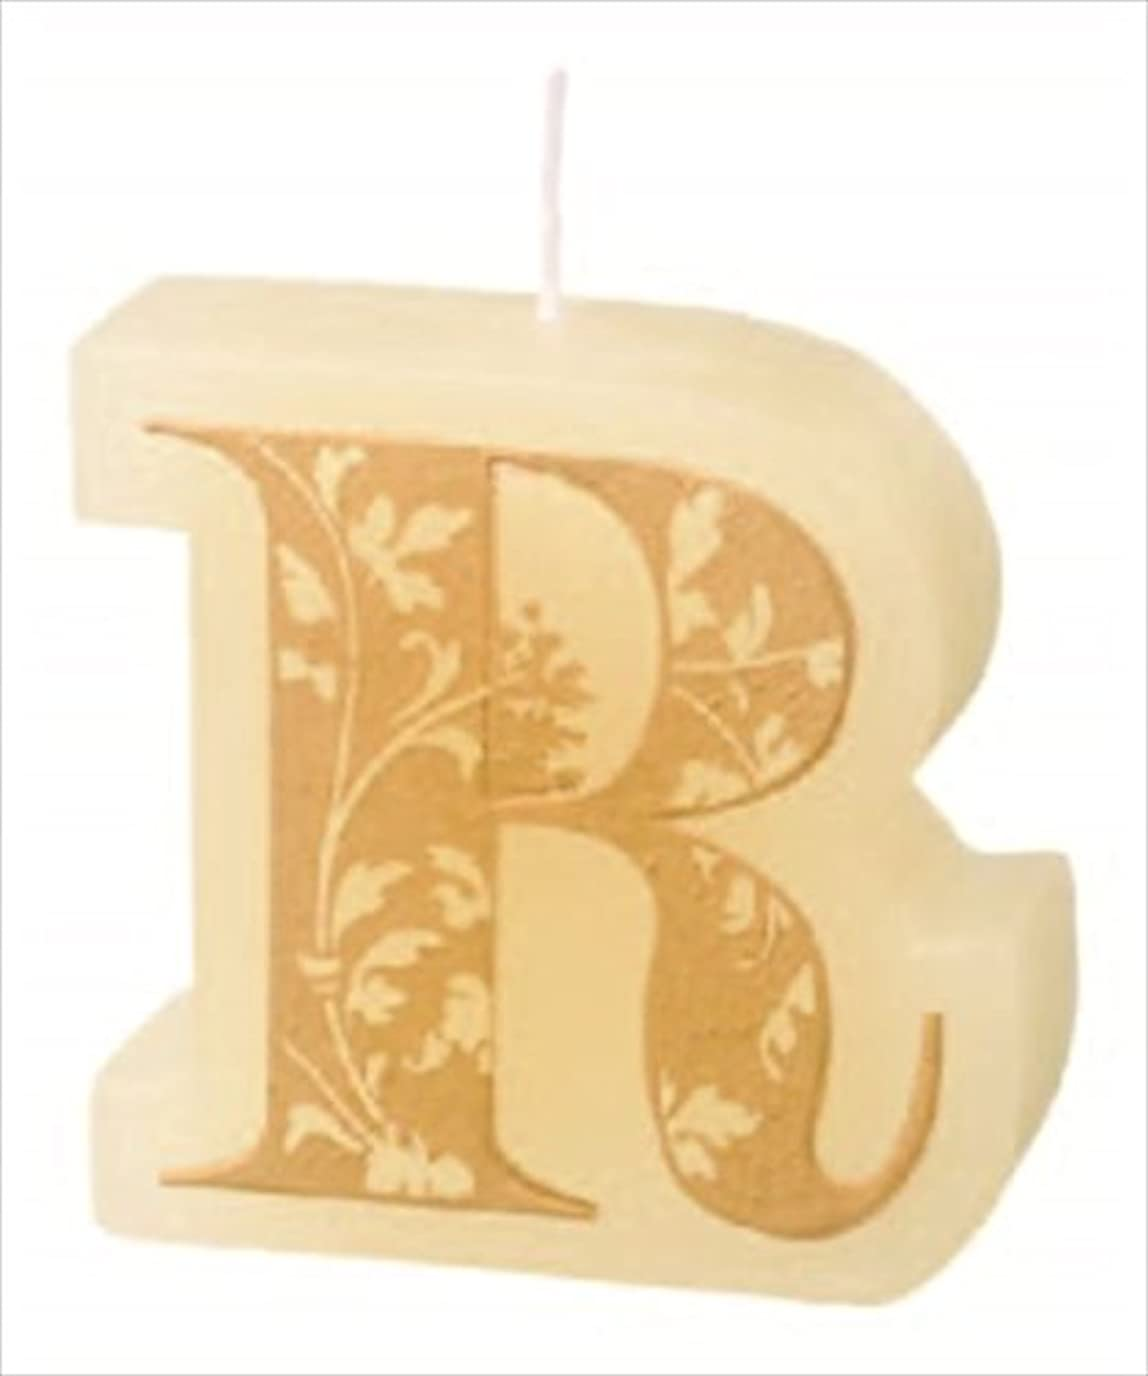 超音速特異な鎮痛剤カメヤマキャンドル(kameyama candle) イニシャルキャンドルミニ 「 R 」